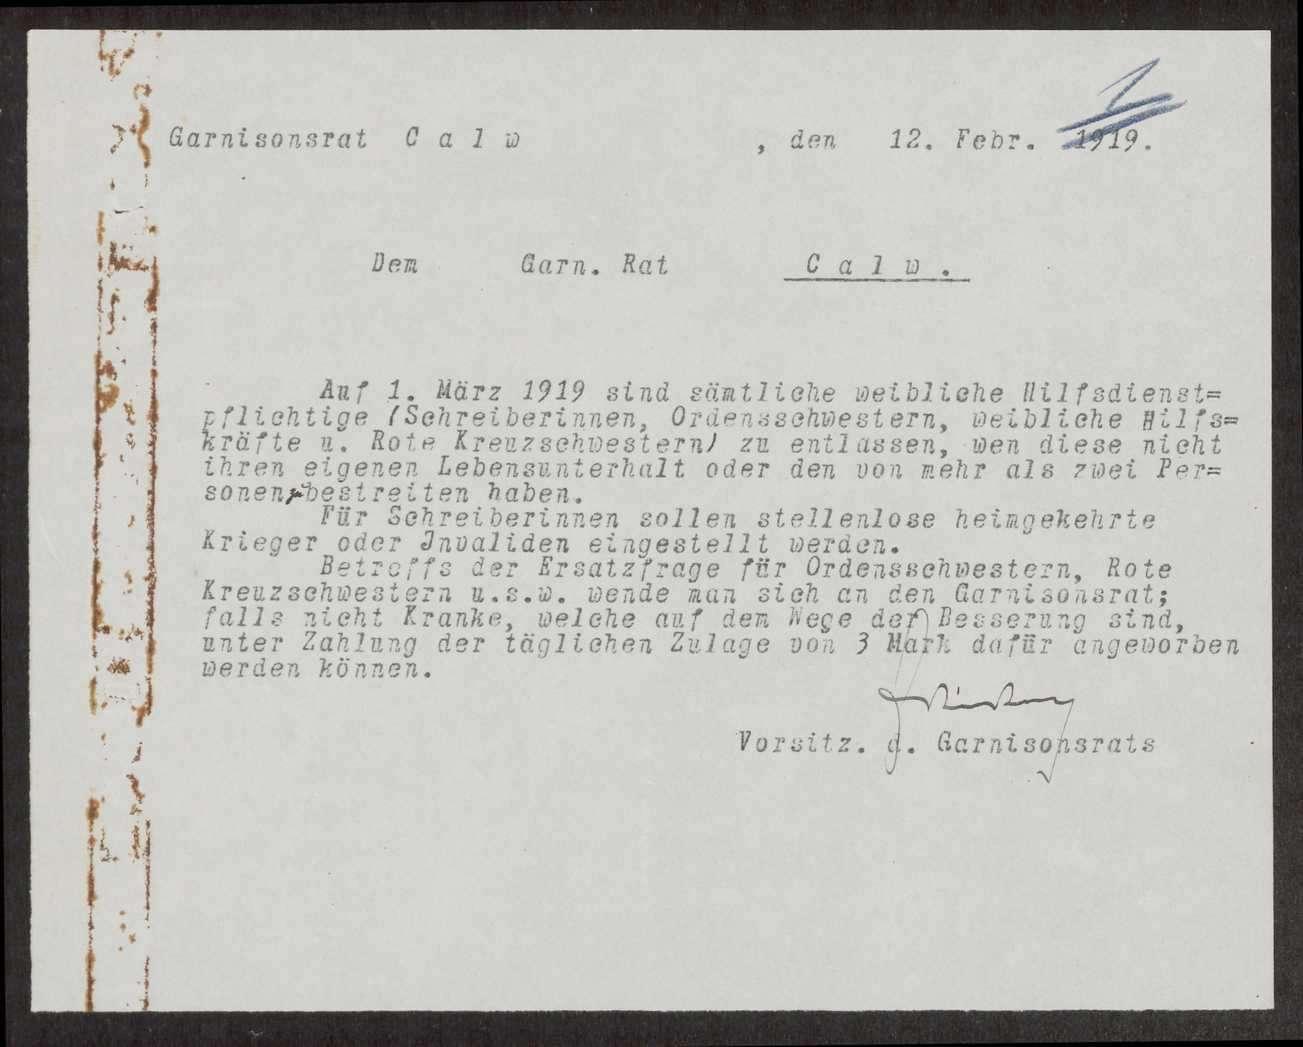 Regelung der Entlassung der weiblichen Hilfsdienstpflichtigen und ersatzweise Einstellung von stellenlosen heimgekehrten Soldaten, Bild 1